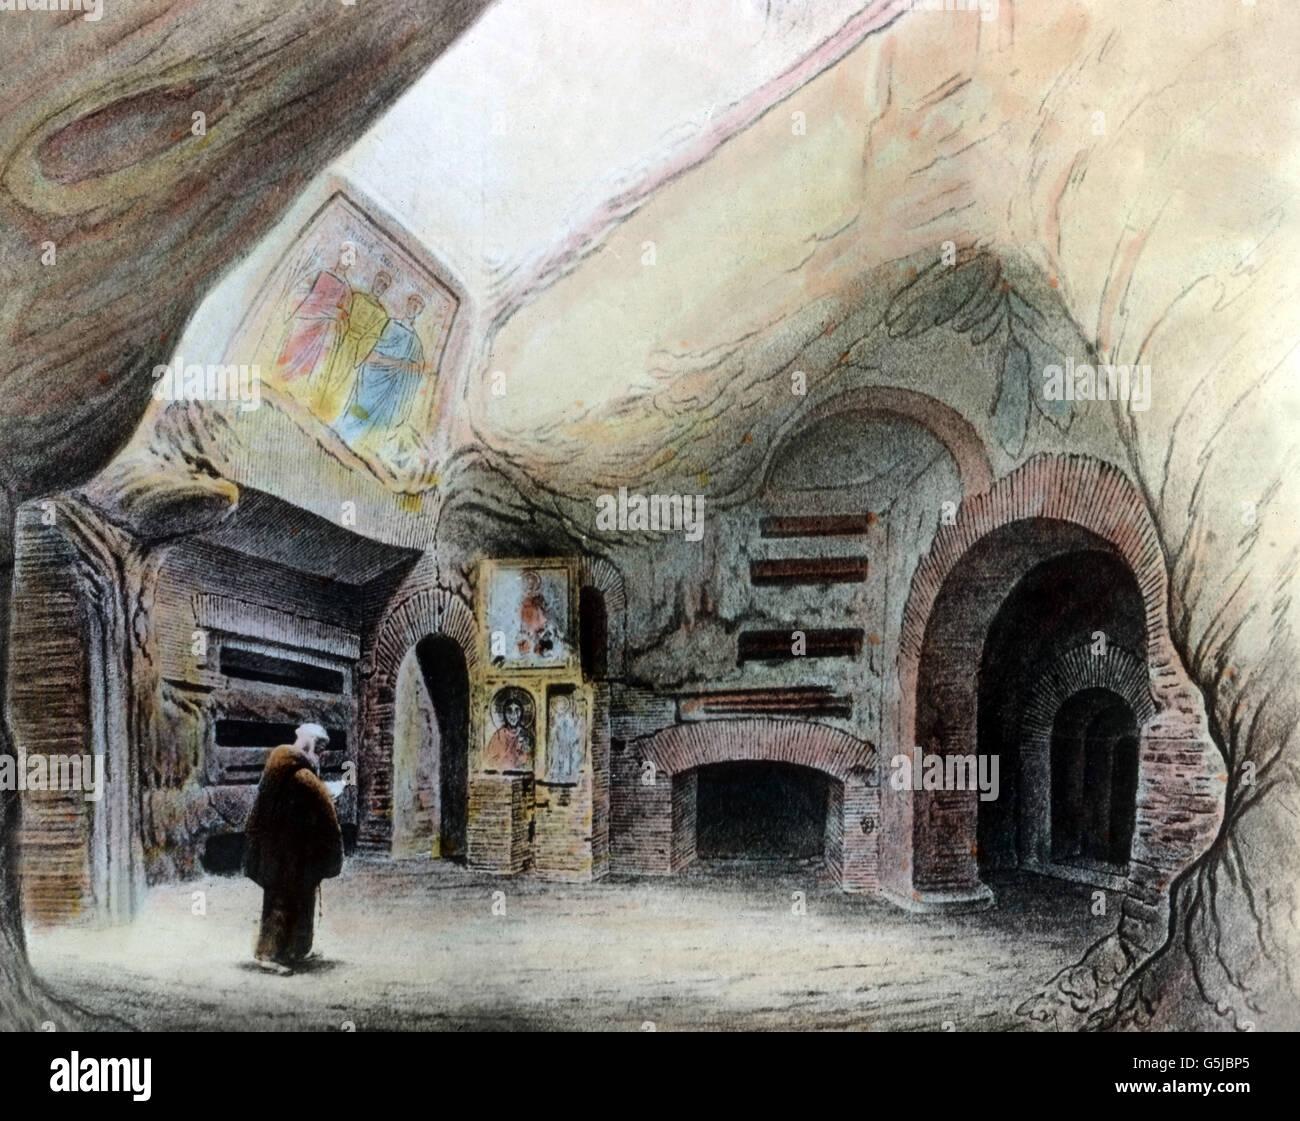 In der Katakombe der heiligen Caecilia nella ROM, Italien 1920er Jahre. Presso la tomba di Santa Cecilia a Roma, Italia 1920s. Foto Stock